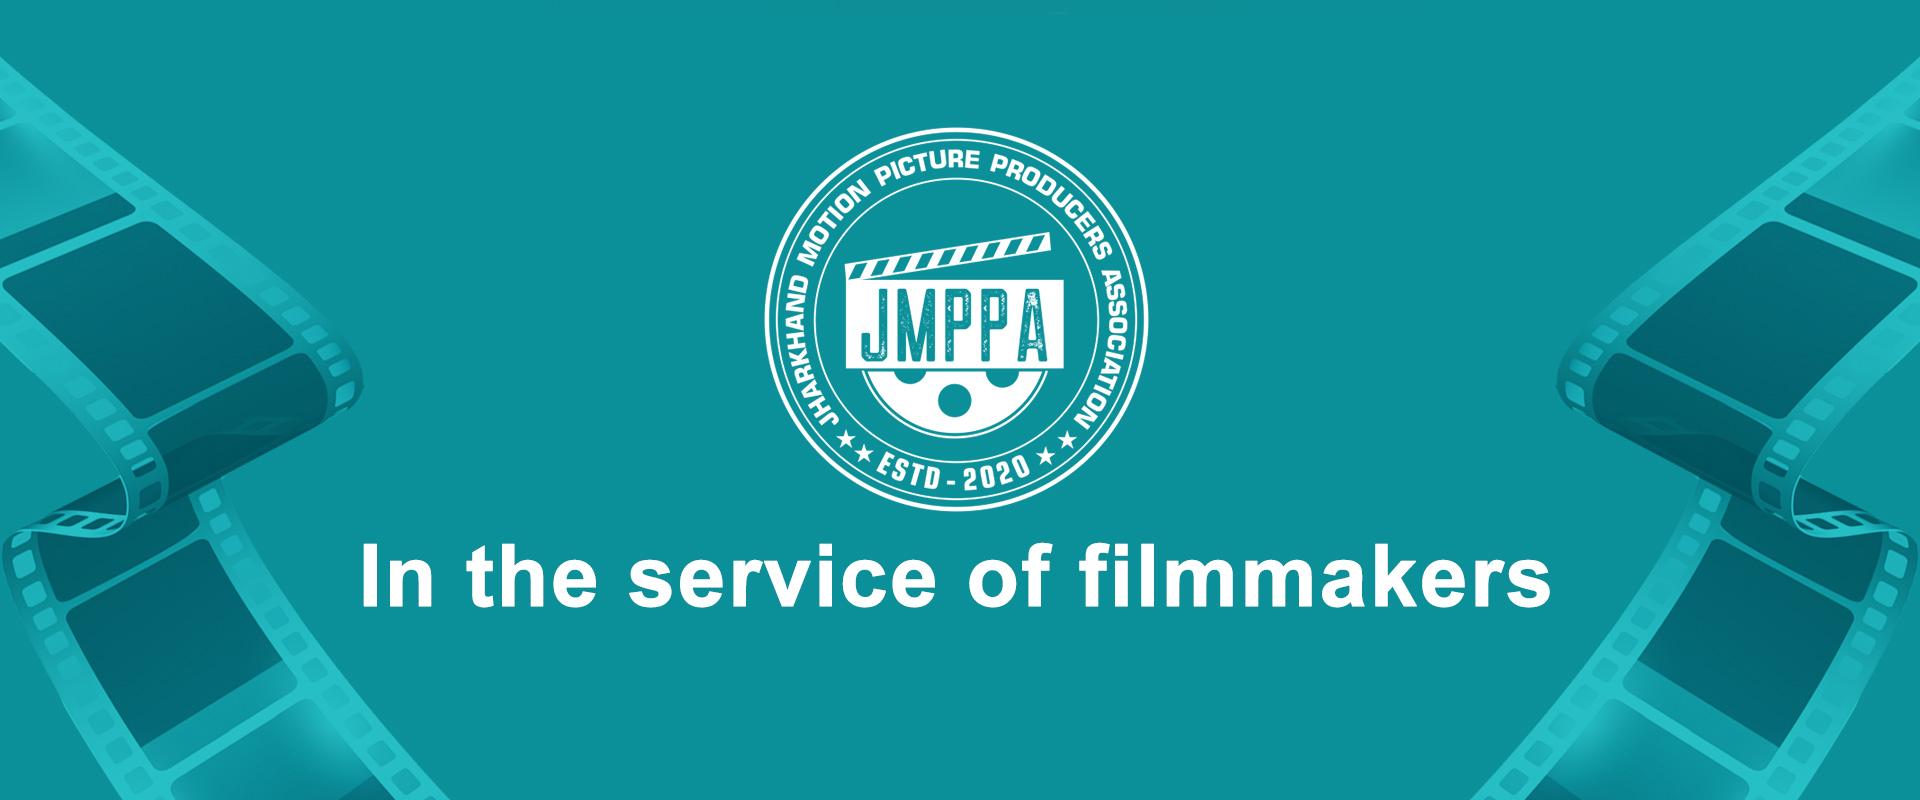 JMPPA-main-banner-1